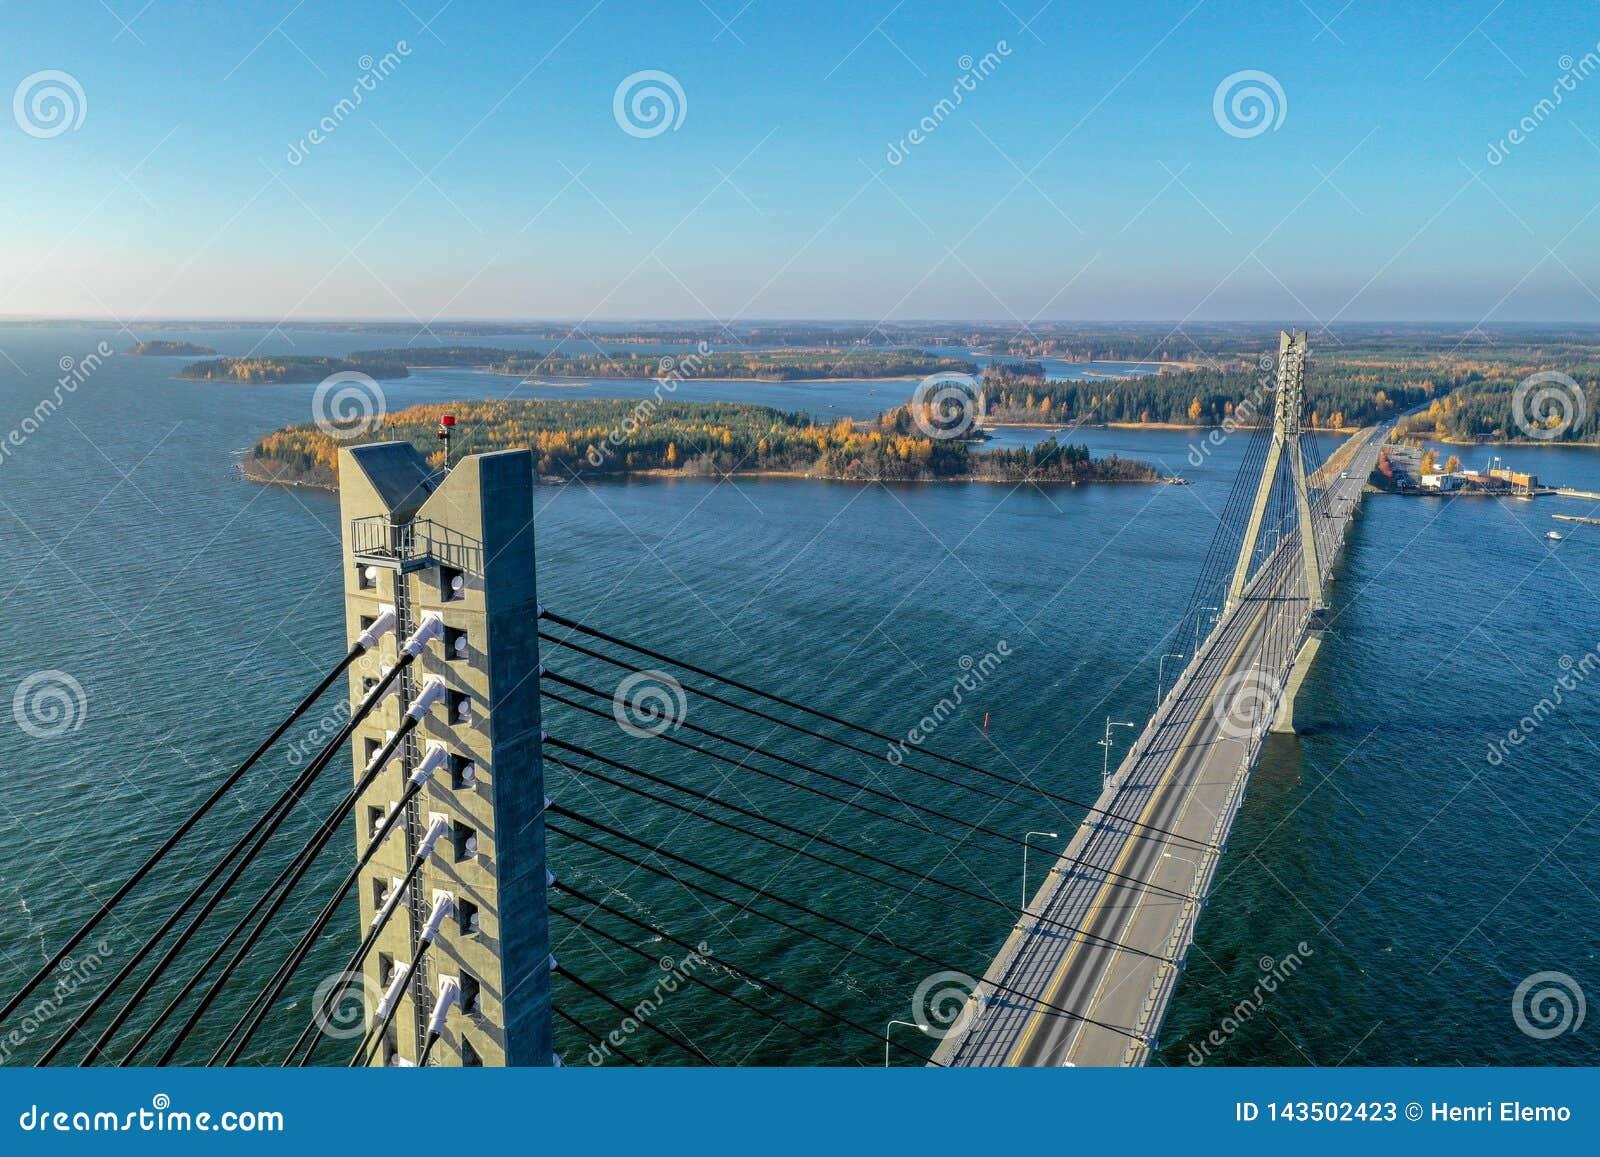 Raippaluoto, Finland - Oktober 14, 2018: Langste die brug van Finland in Raippaluoto met hommel op zonnige dag wordt gevangen